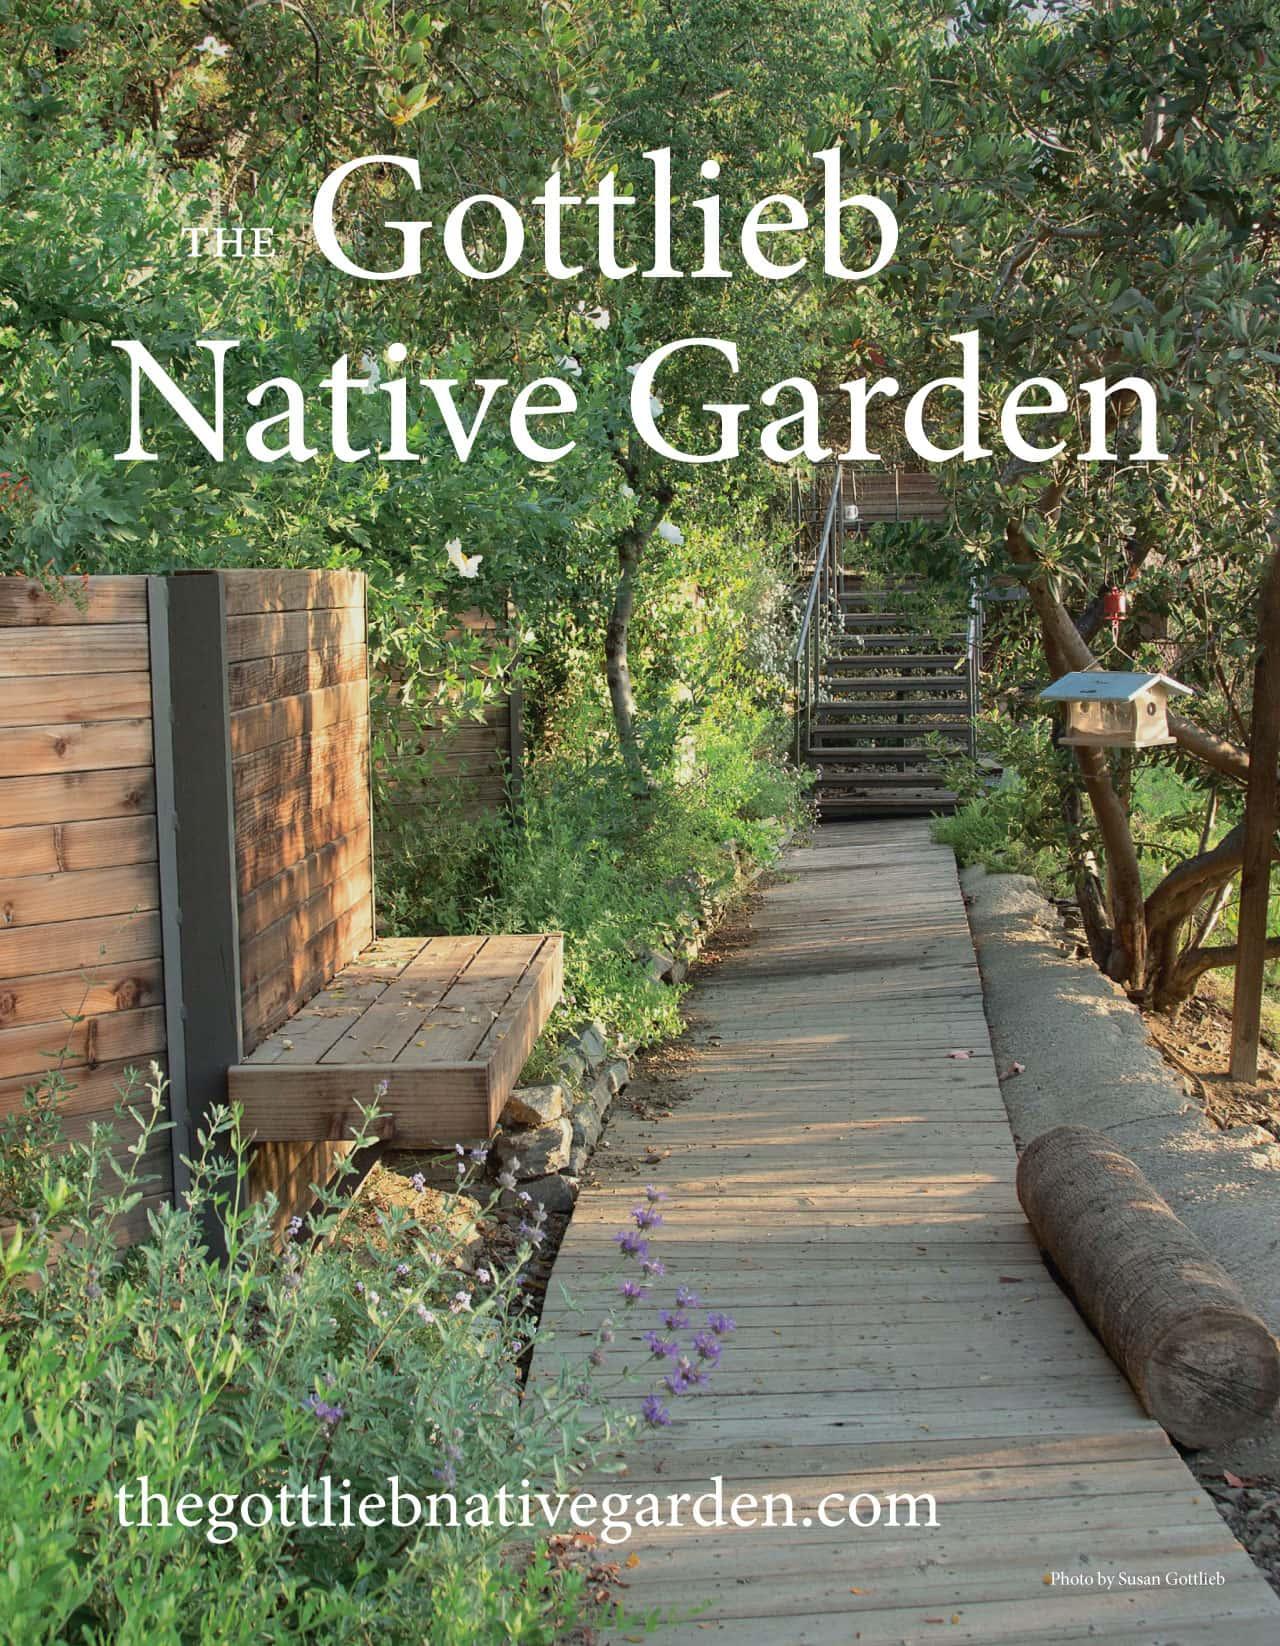 Gottlieb Native Garden